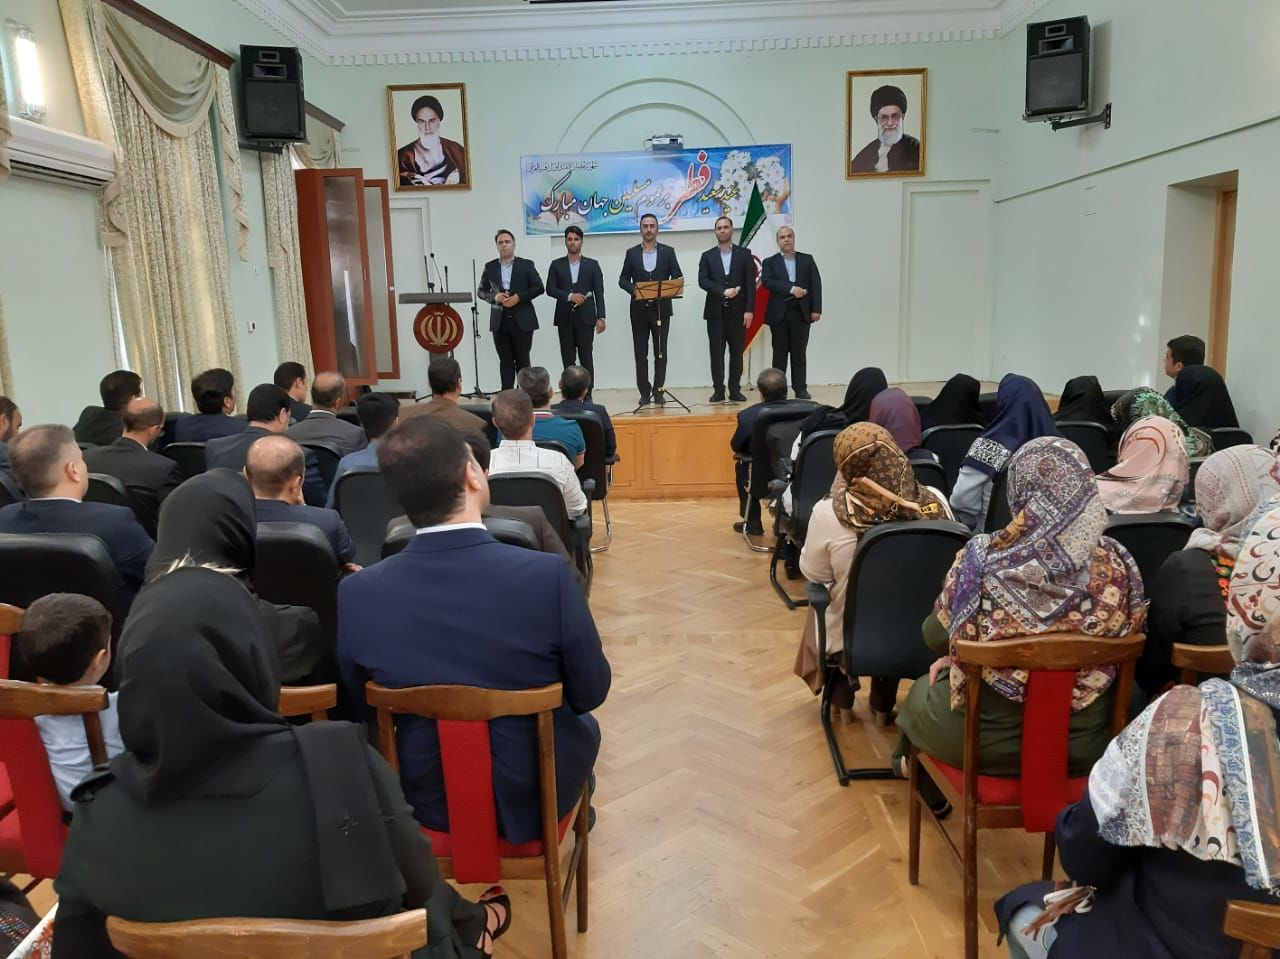 اجرای گروه بین المللی لیله القدر در جشن عید سعید فطر در شهر ایروان